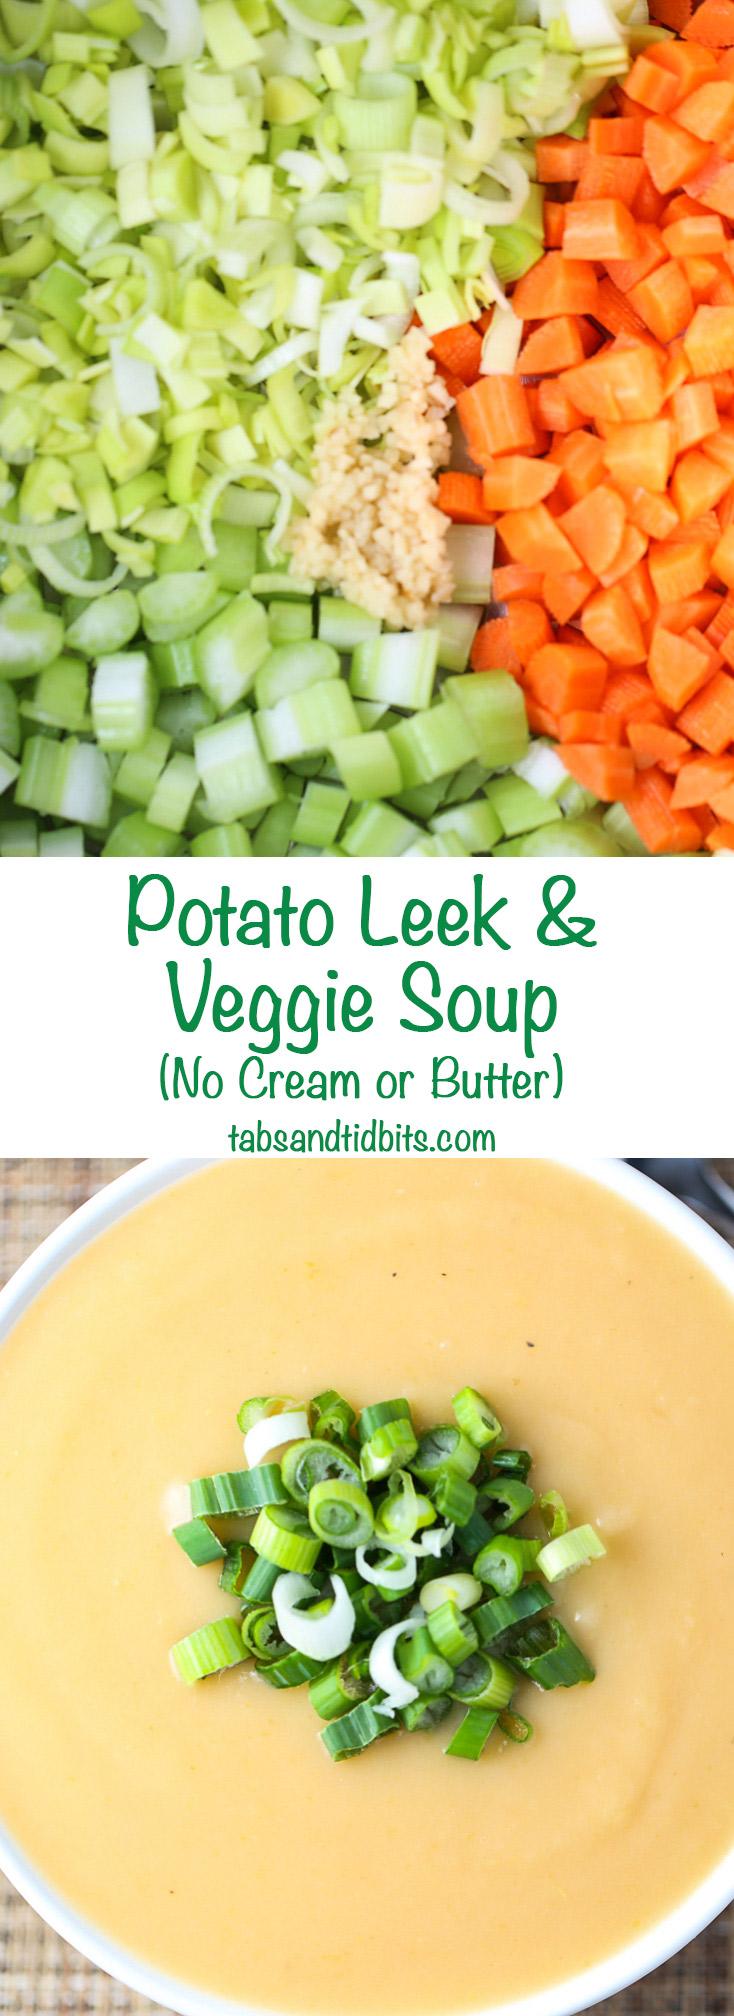 Potato Leek & Veggie Soup - No Cream or Butter! Naturally vegan & vegetarian friendly! Naturally delicious!